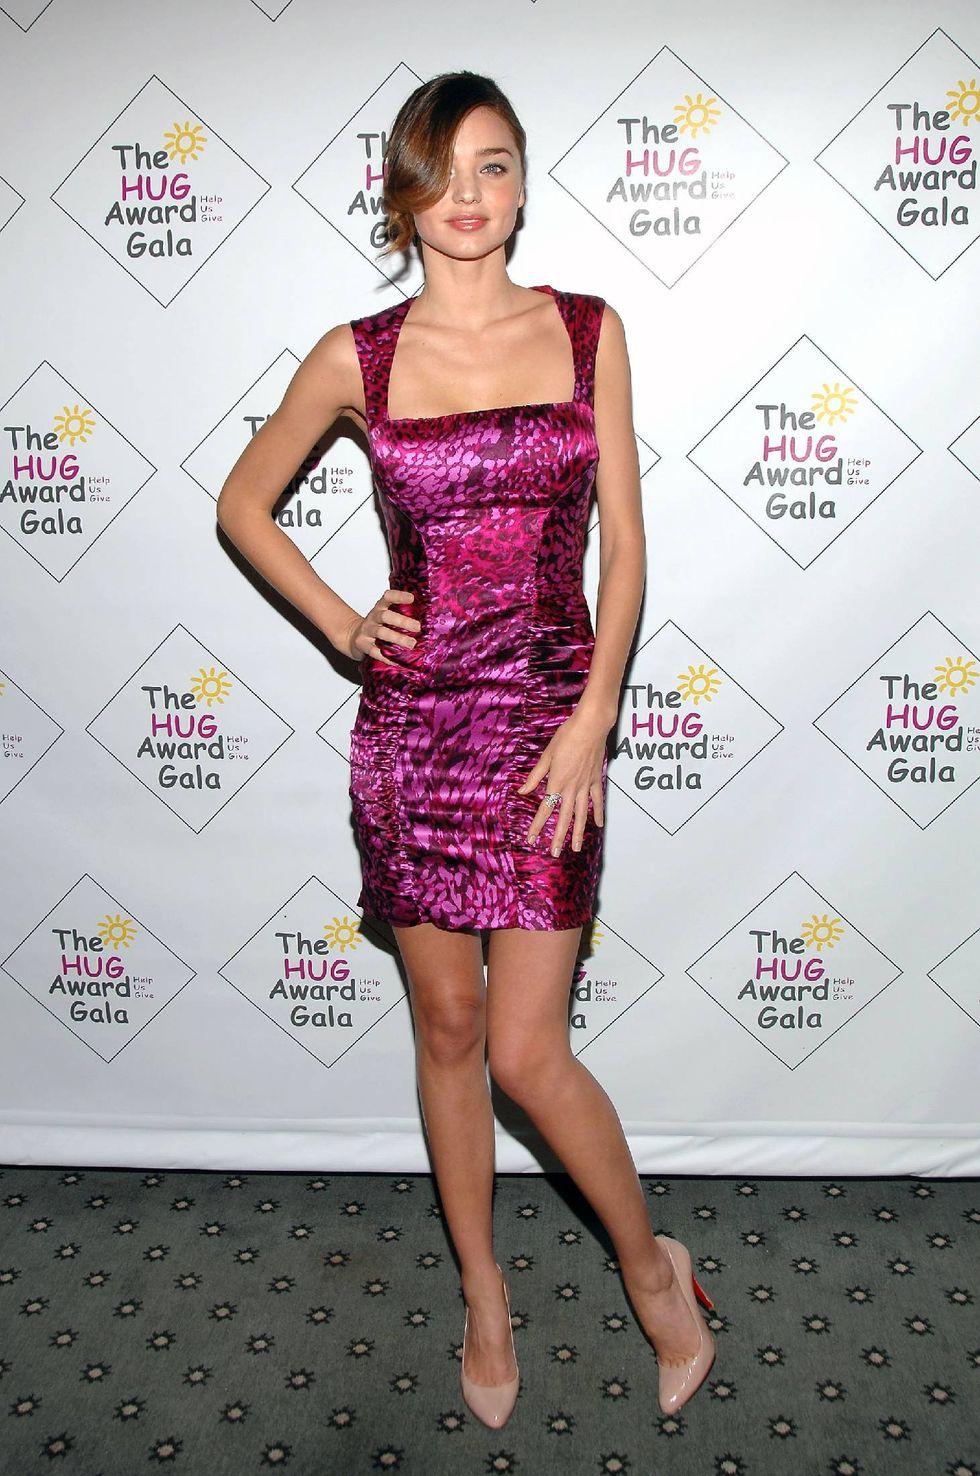 miranda-kerr-2009-hug-award-gala-in-new-york-01